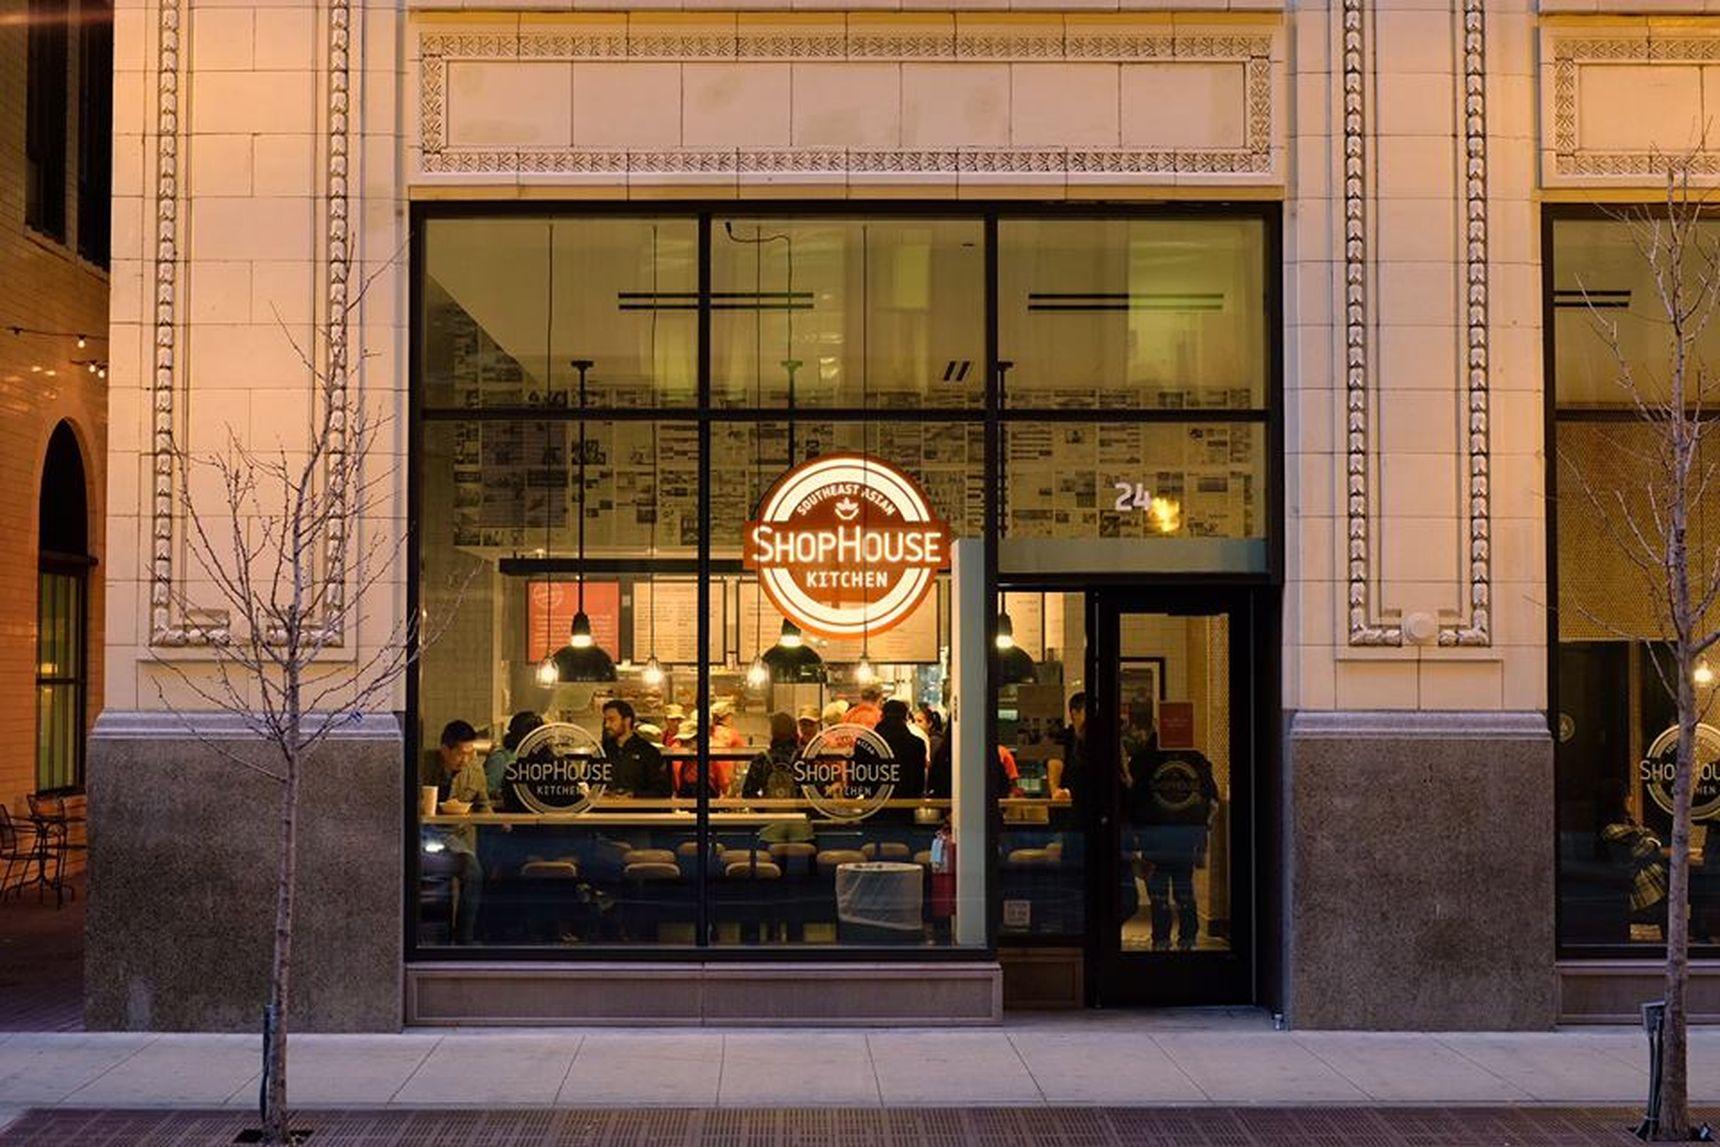 Chipotle ferme ses 15 restaurants ShopHouse Asian Kitchen aux Etats-Unis